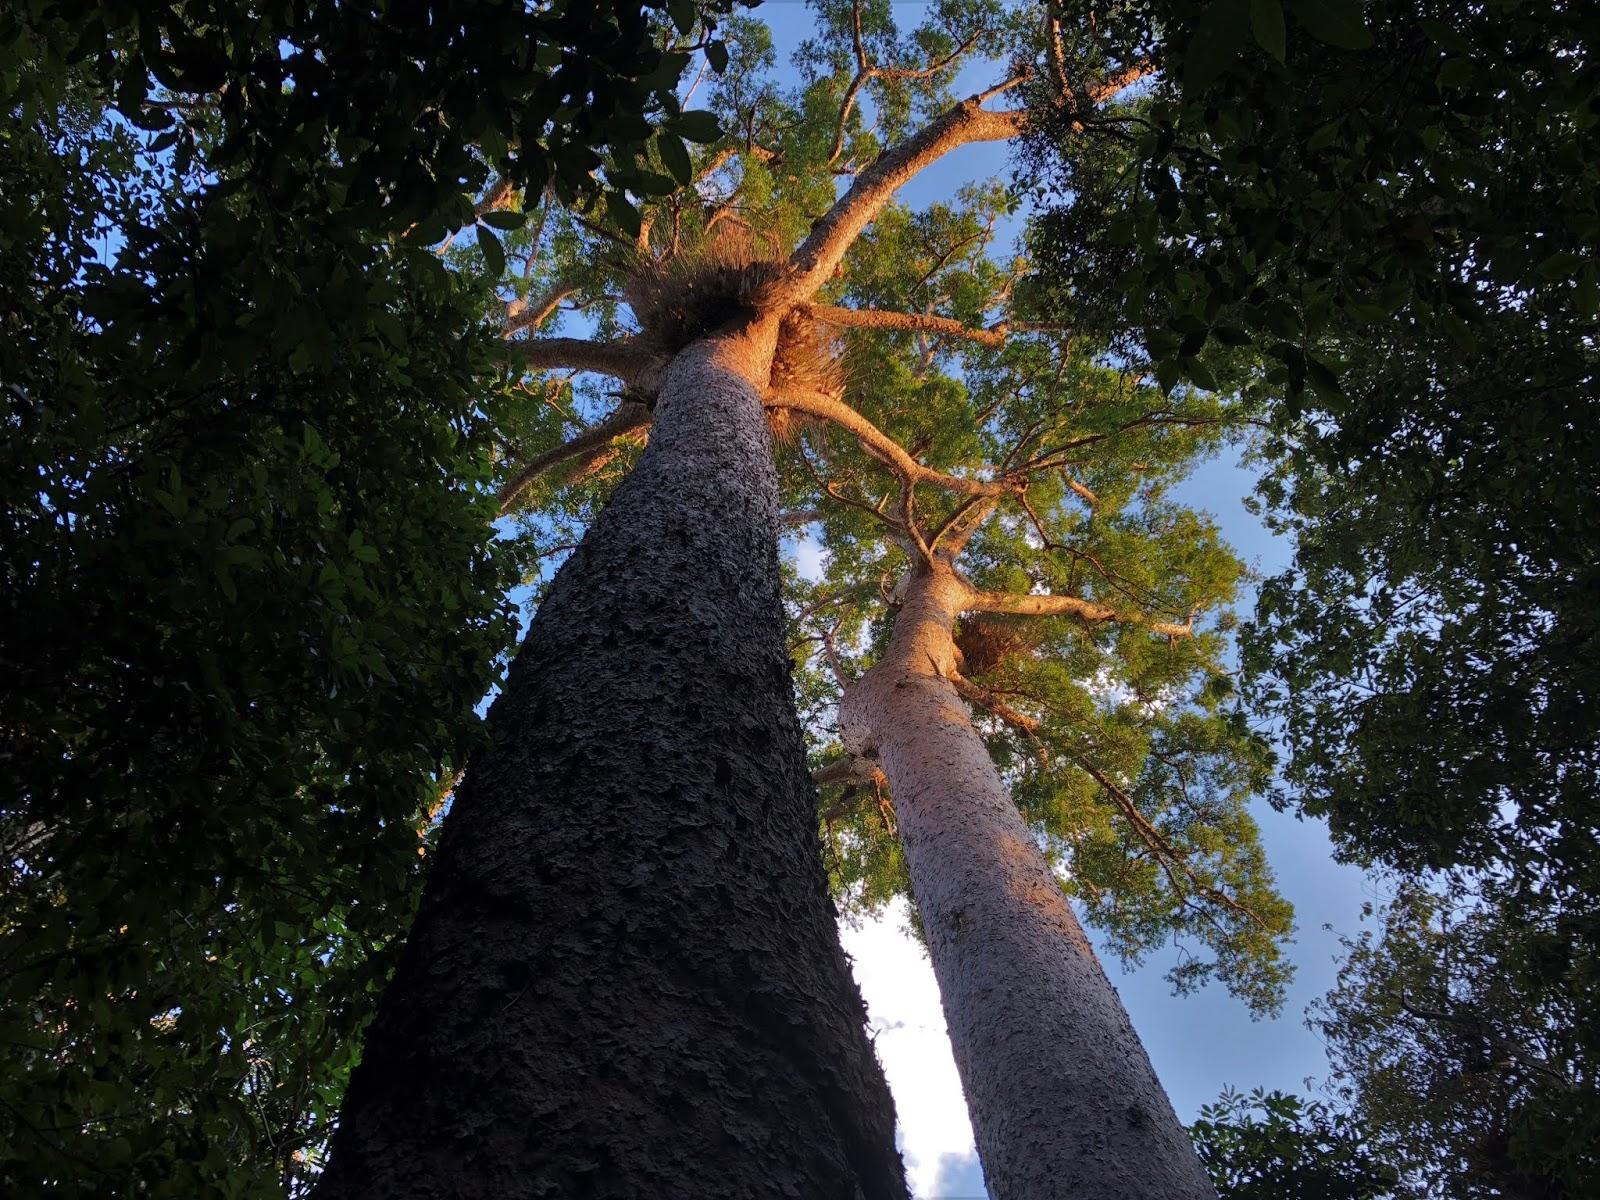 Ogromne dwa drzewa stojące obok siebie. Zdjęcie zrobione od dołu tak, że ich korona na samym czubku rozpościera się nad nami jak parasol.